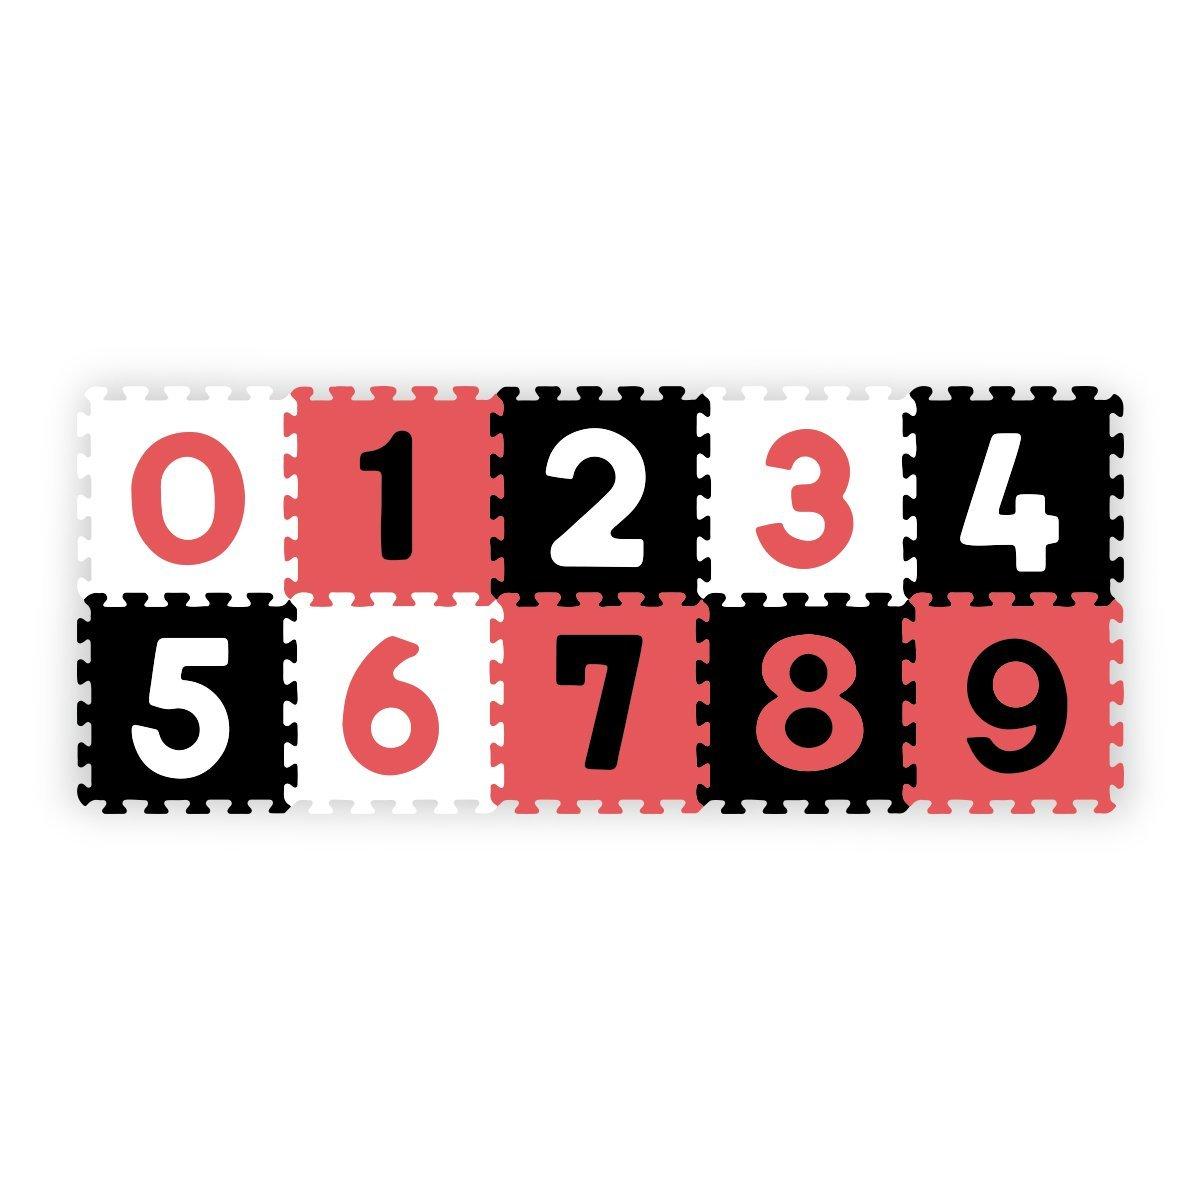 Pмnovй puzzle pмnovй 30x30 cm 10 ks инsla иerveno иerno bнlб - zvдиљiќ obrбzok